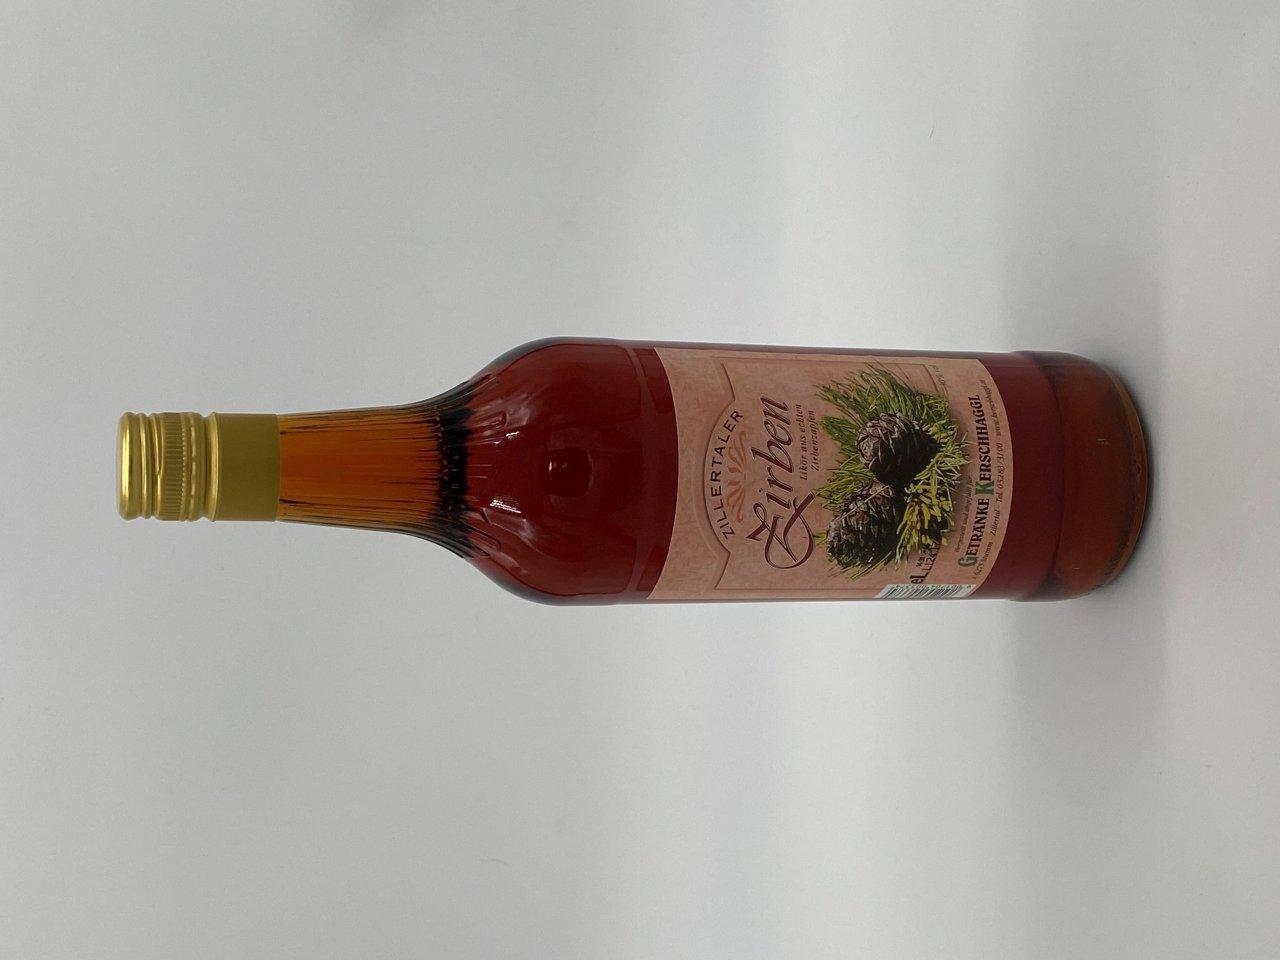 Zillertaler Zirben 30% Alkohol 1 Liter